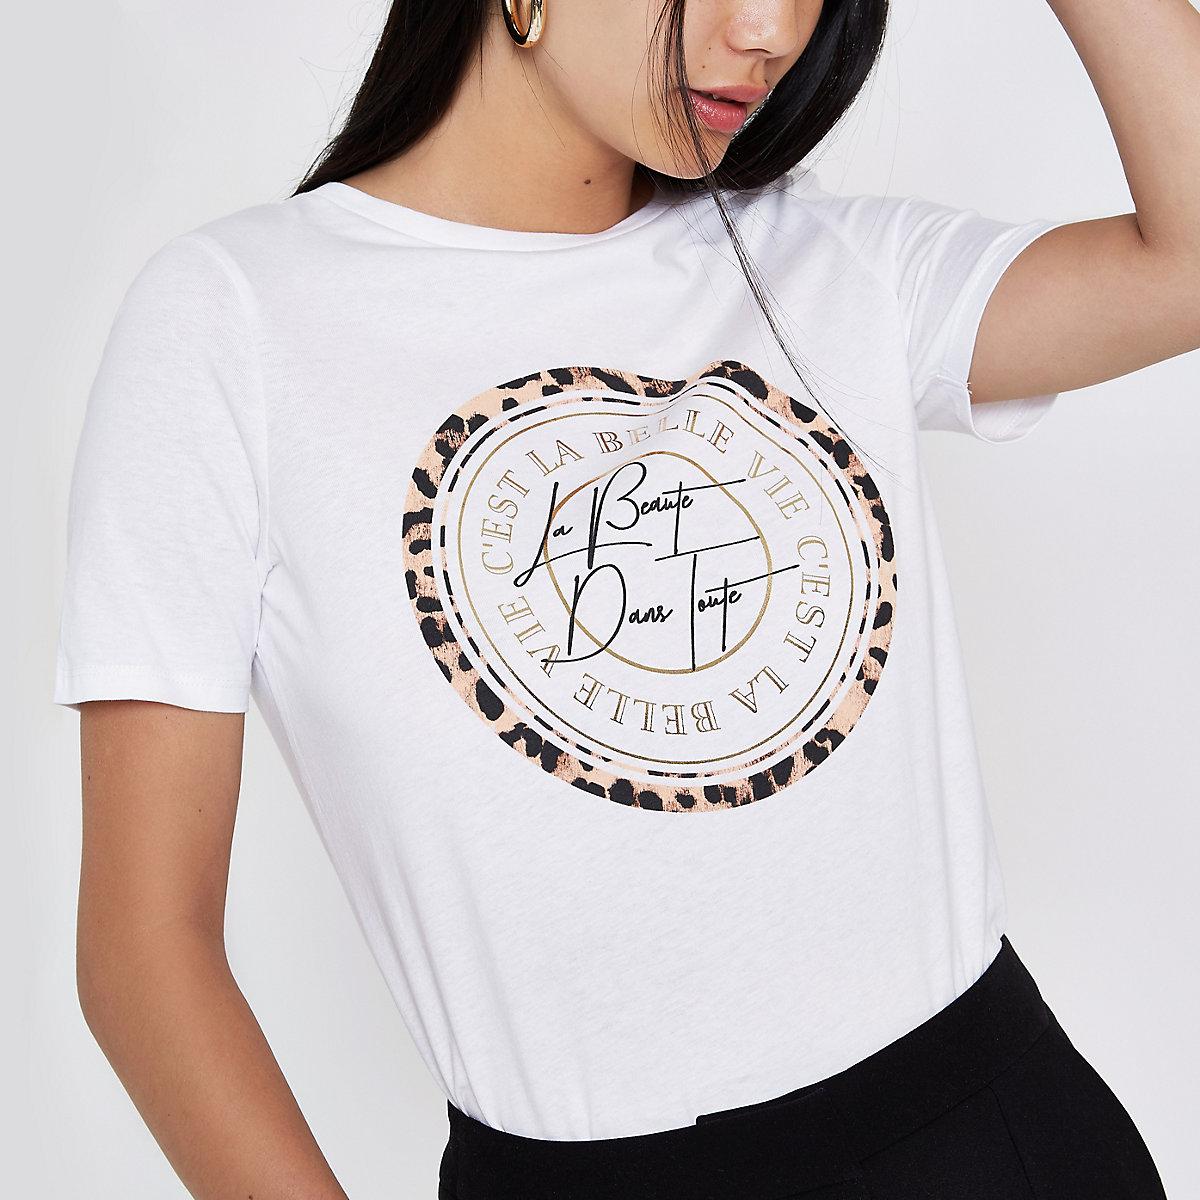 White 'C'est la belle' circle print T-shirt